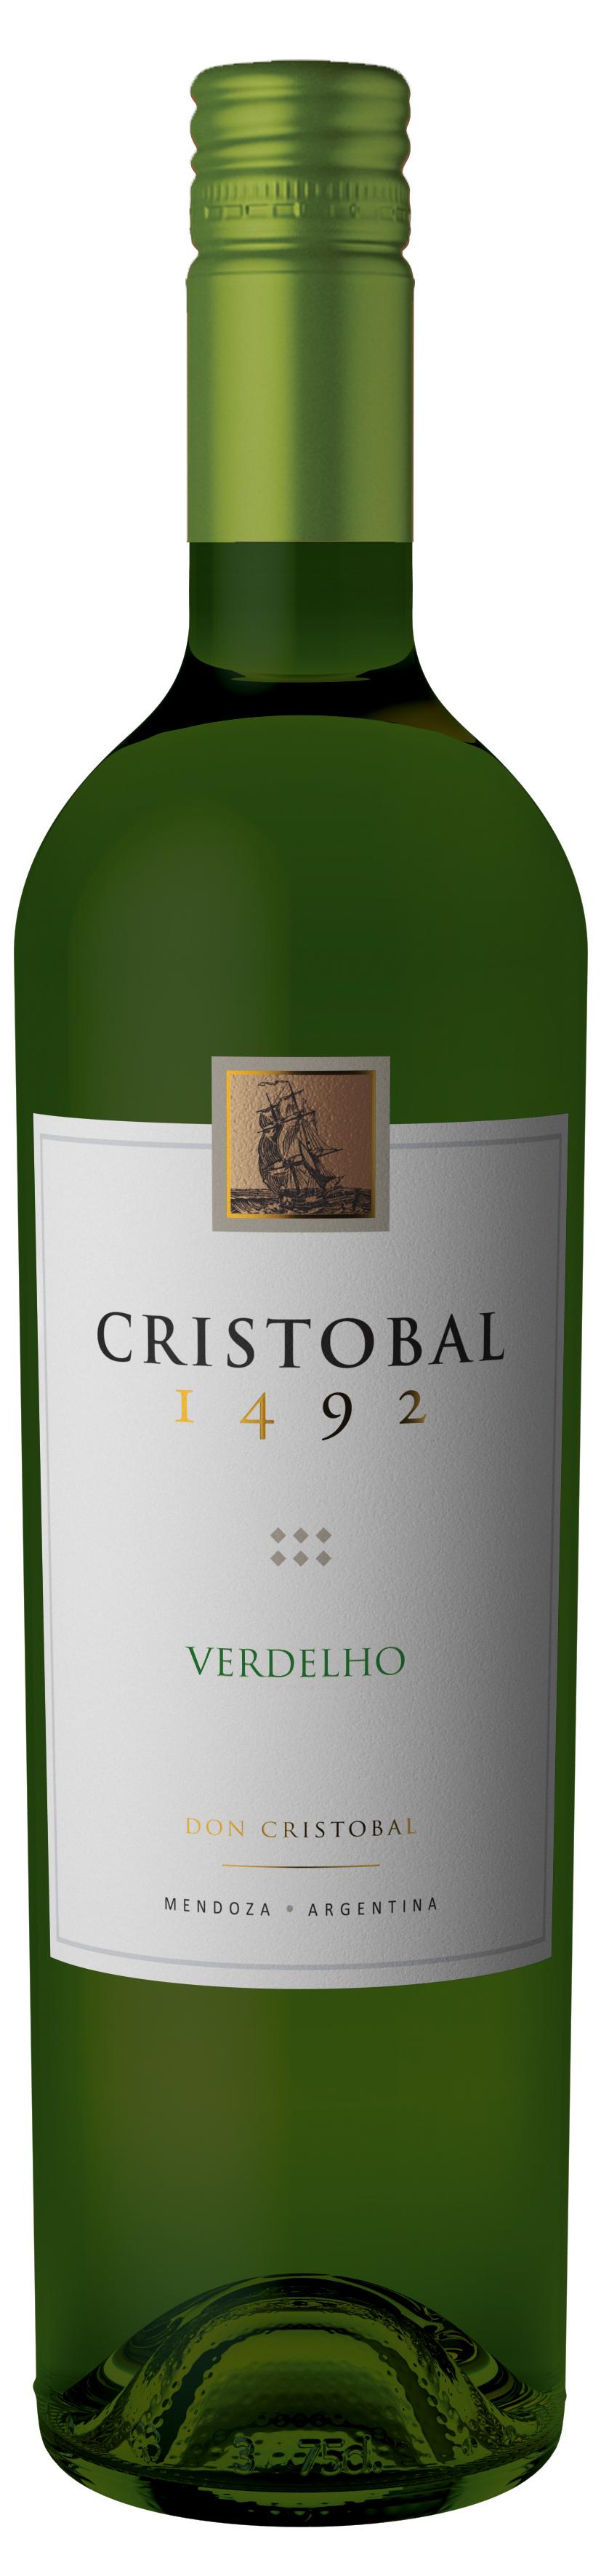 Cristobal 1492 Verdelho